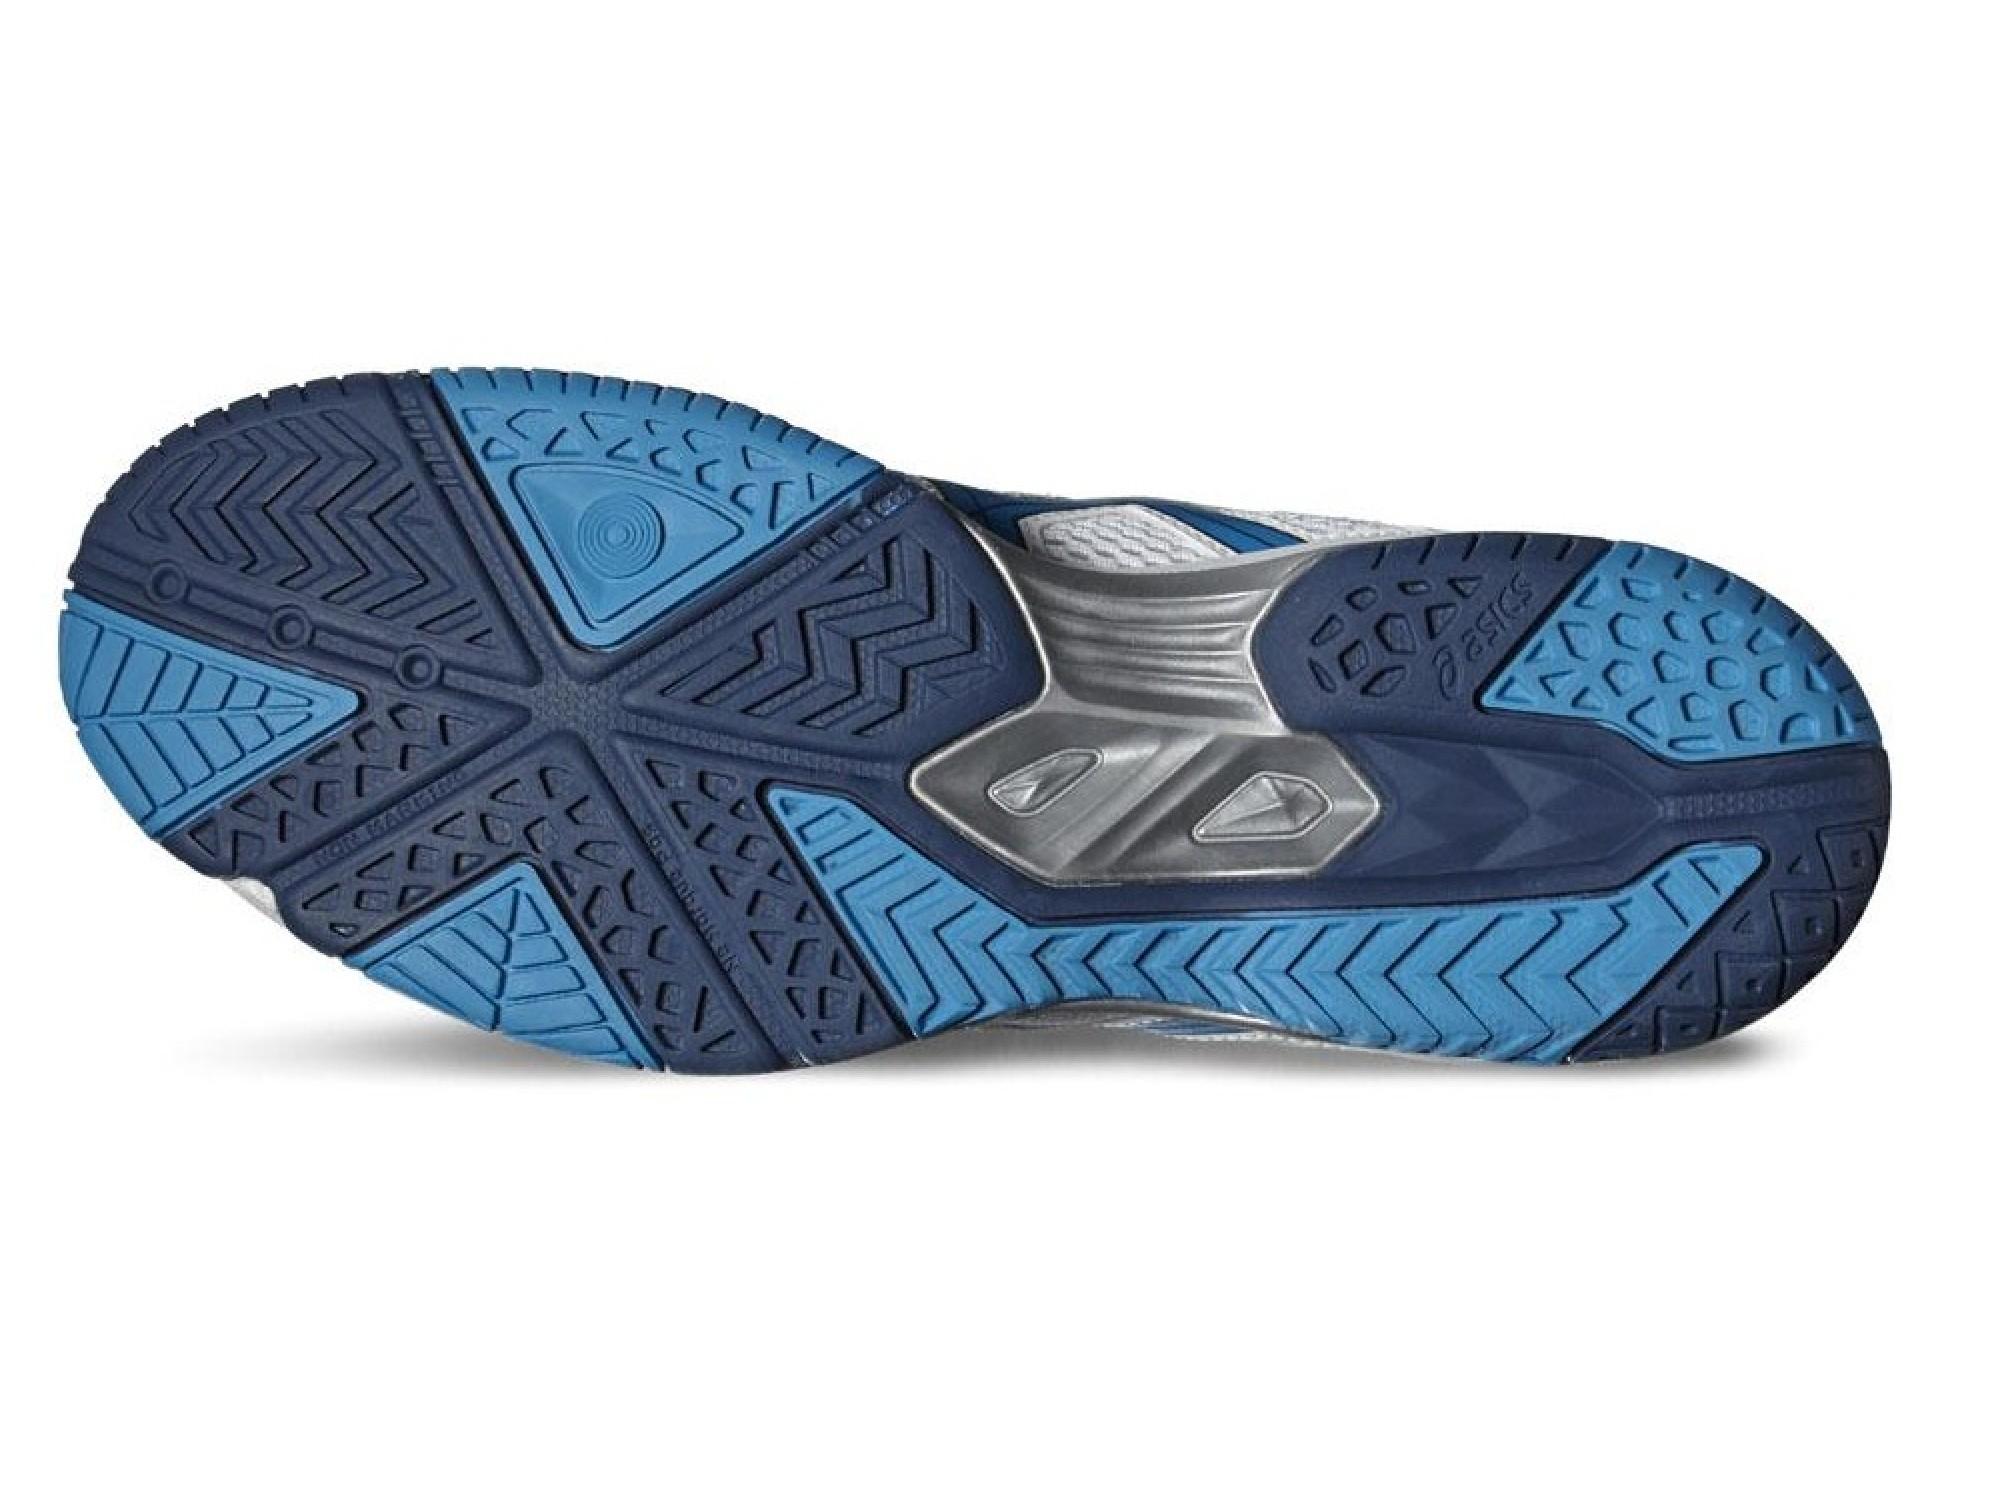 ASICS Gel-Task MT Волейбольные кроссовки B506Y-0143 купить в Украине ... 2b7b73793af